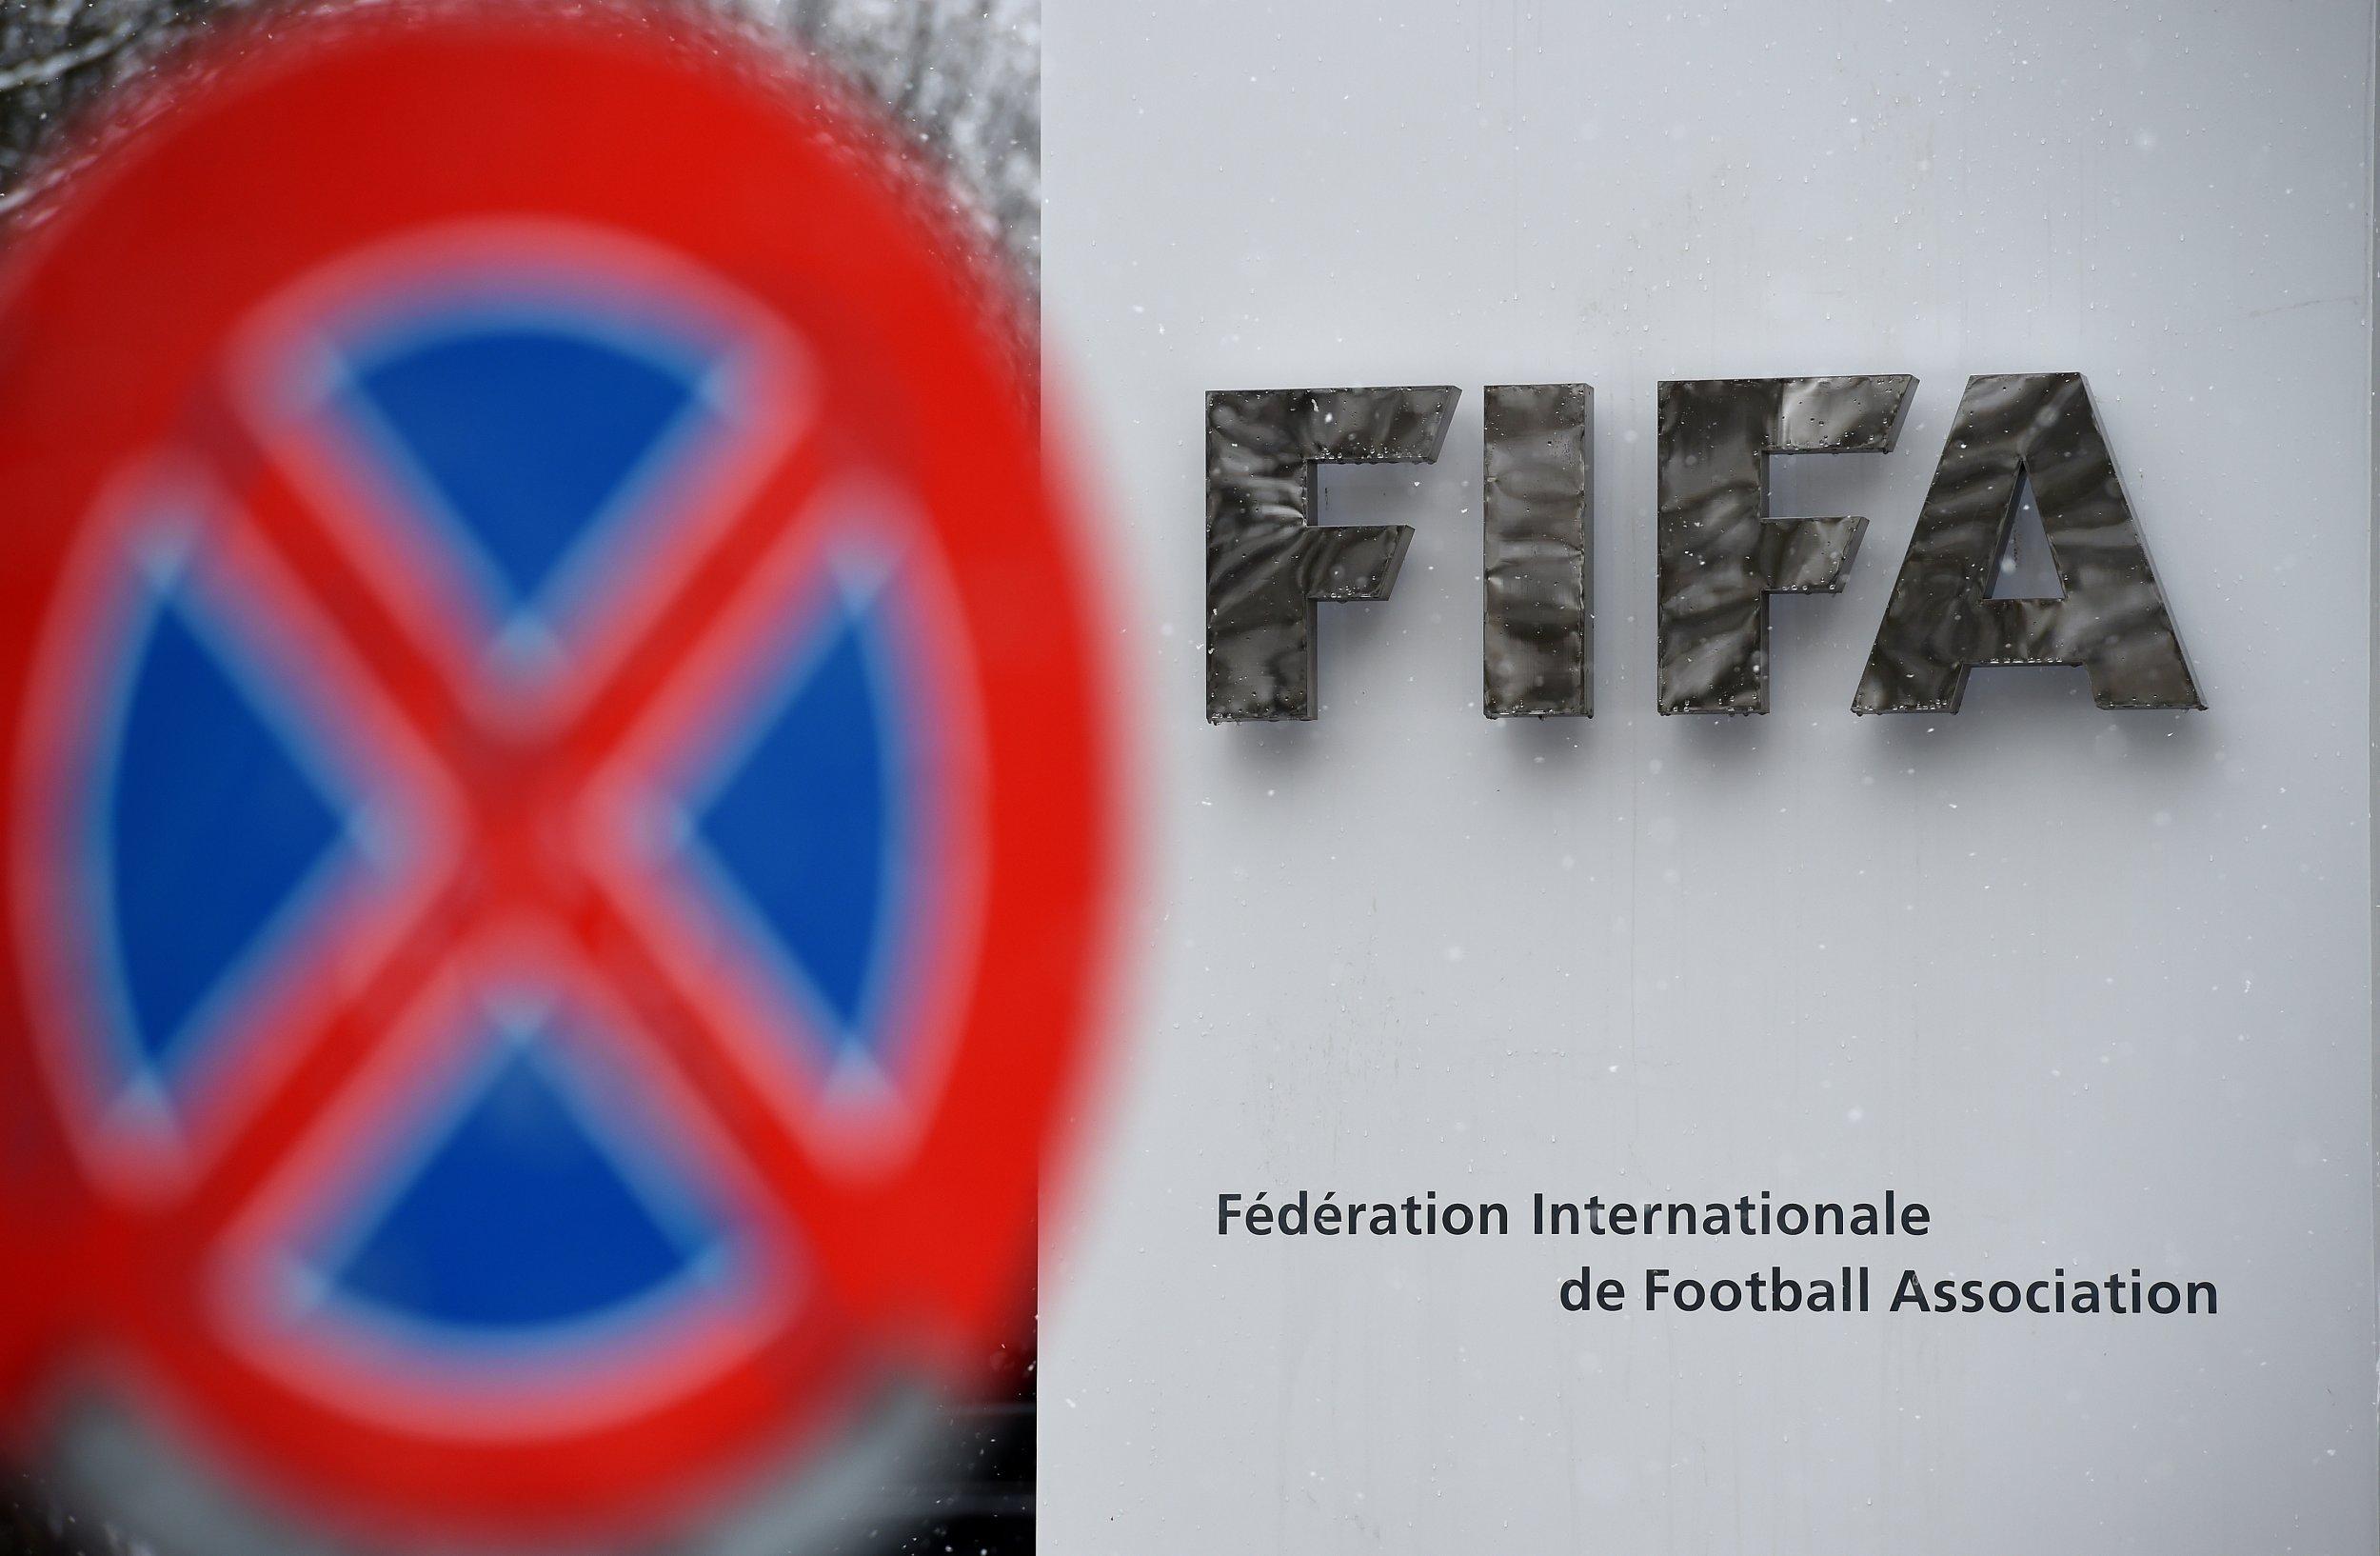 FIFA is still struggling to regain public trust.